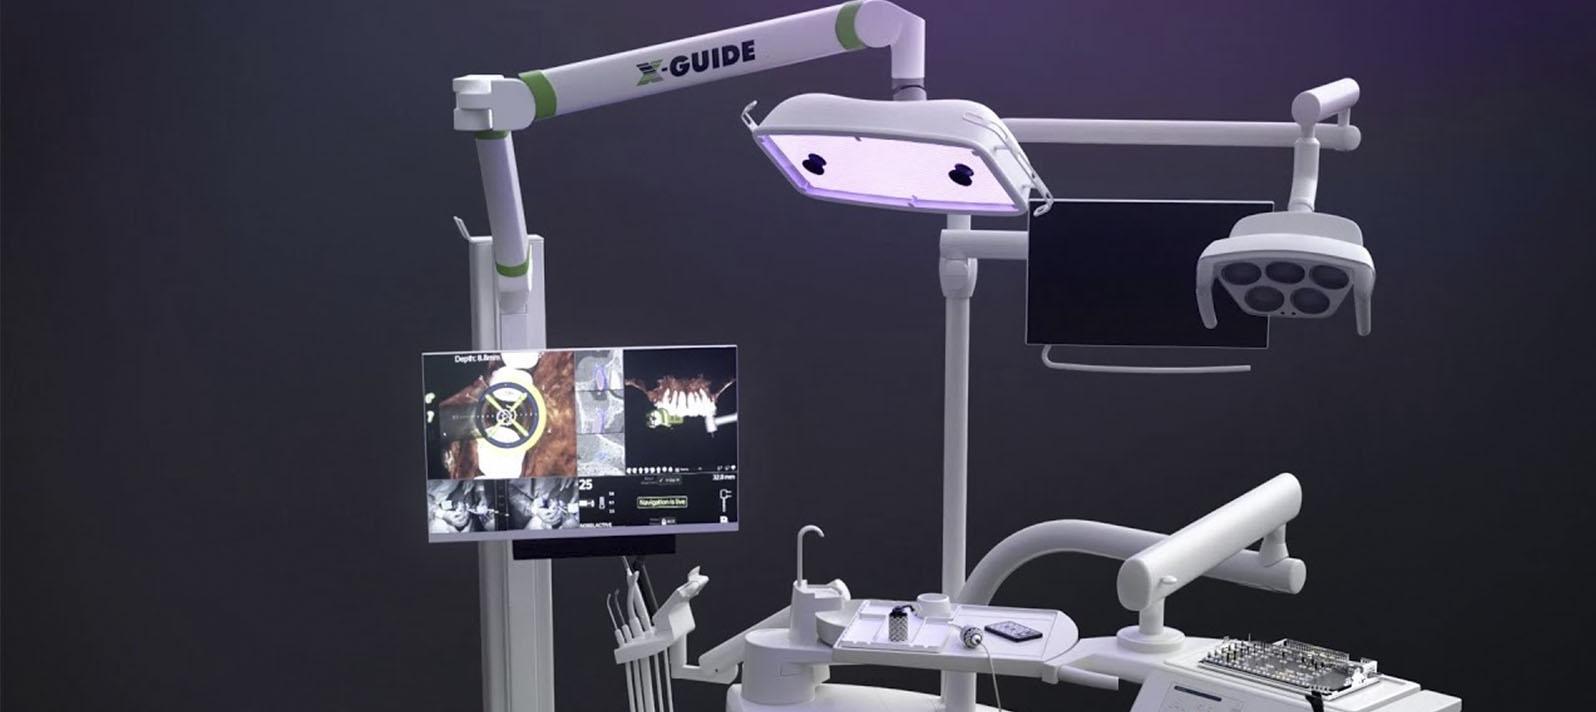 Tecnología X-GUIDE en Dental Roca